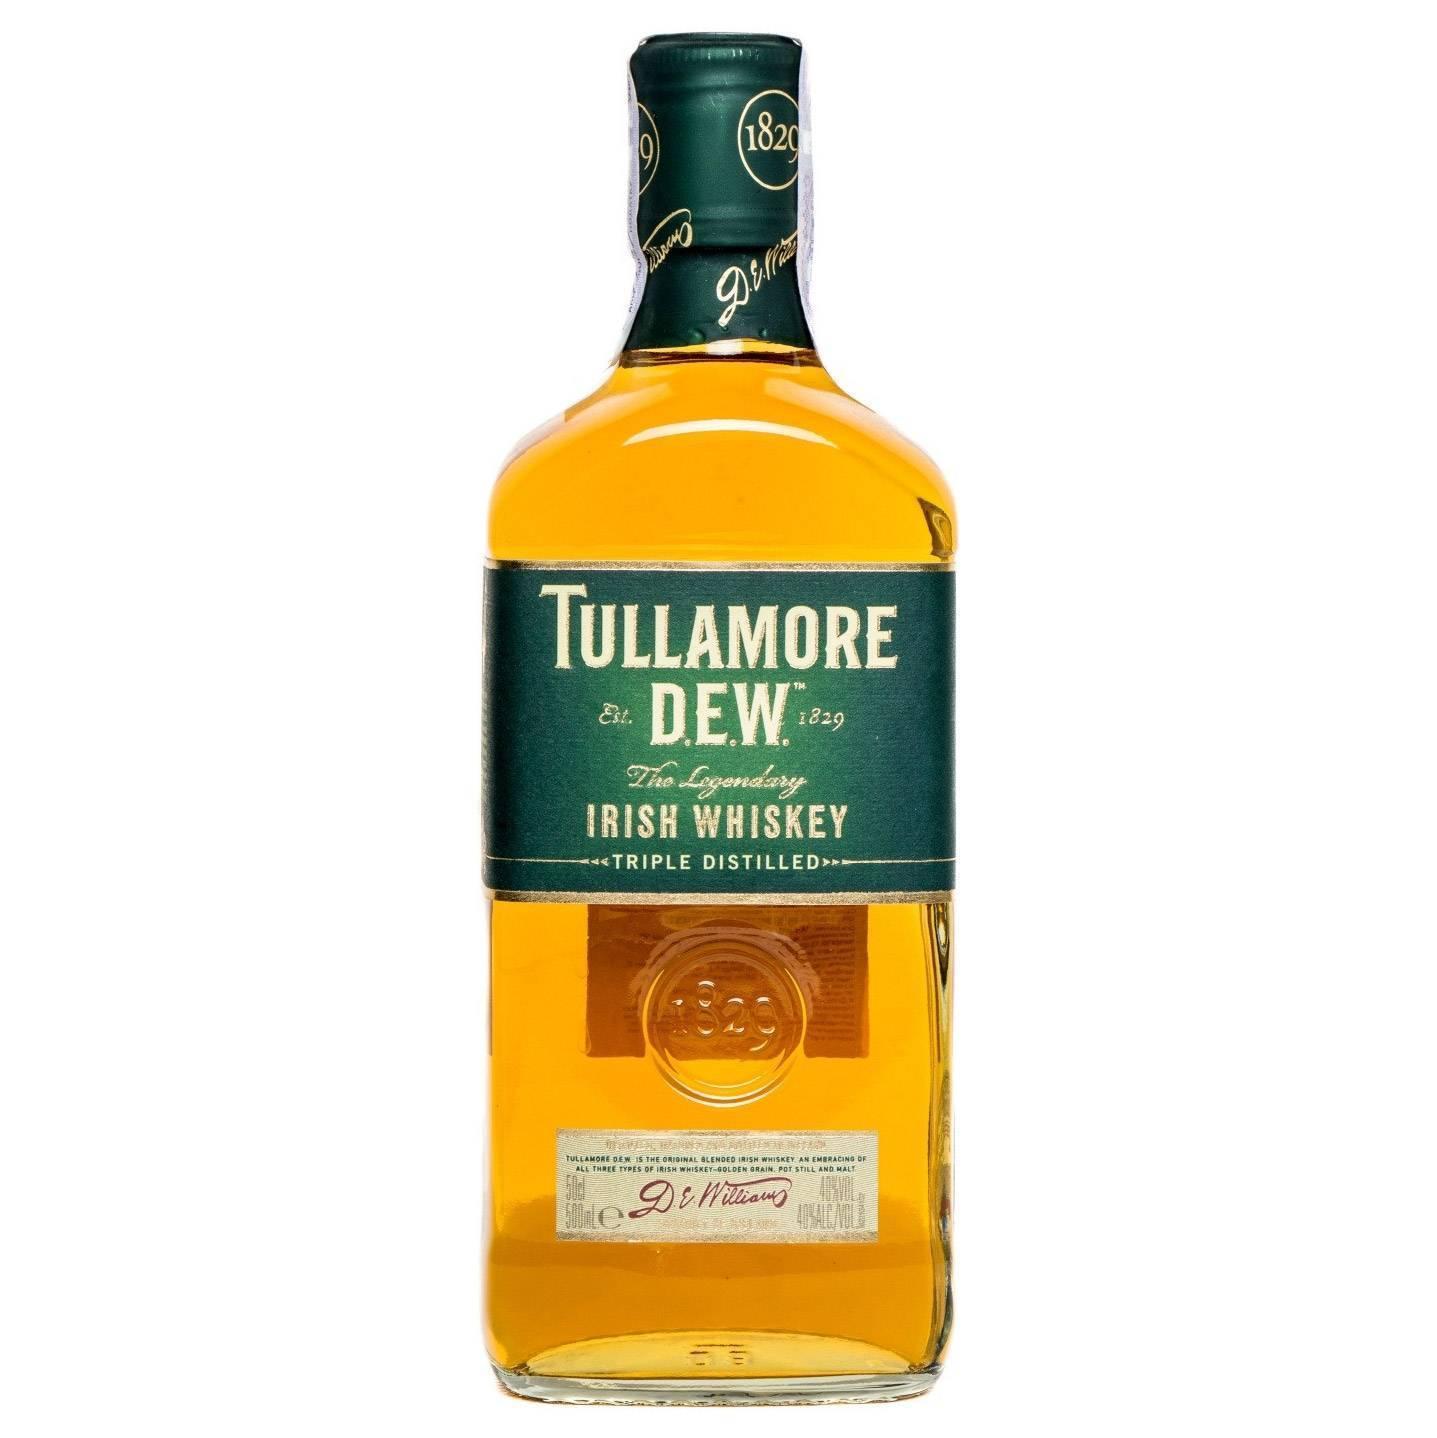 Tullamore dew: ирландский виски талламор дью, описание, виды, особенности употребления